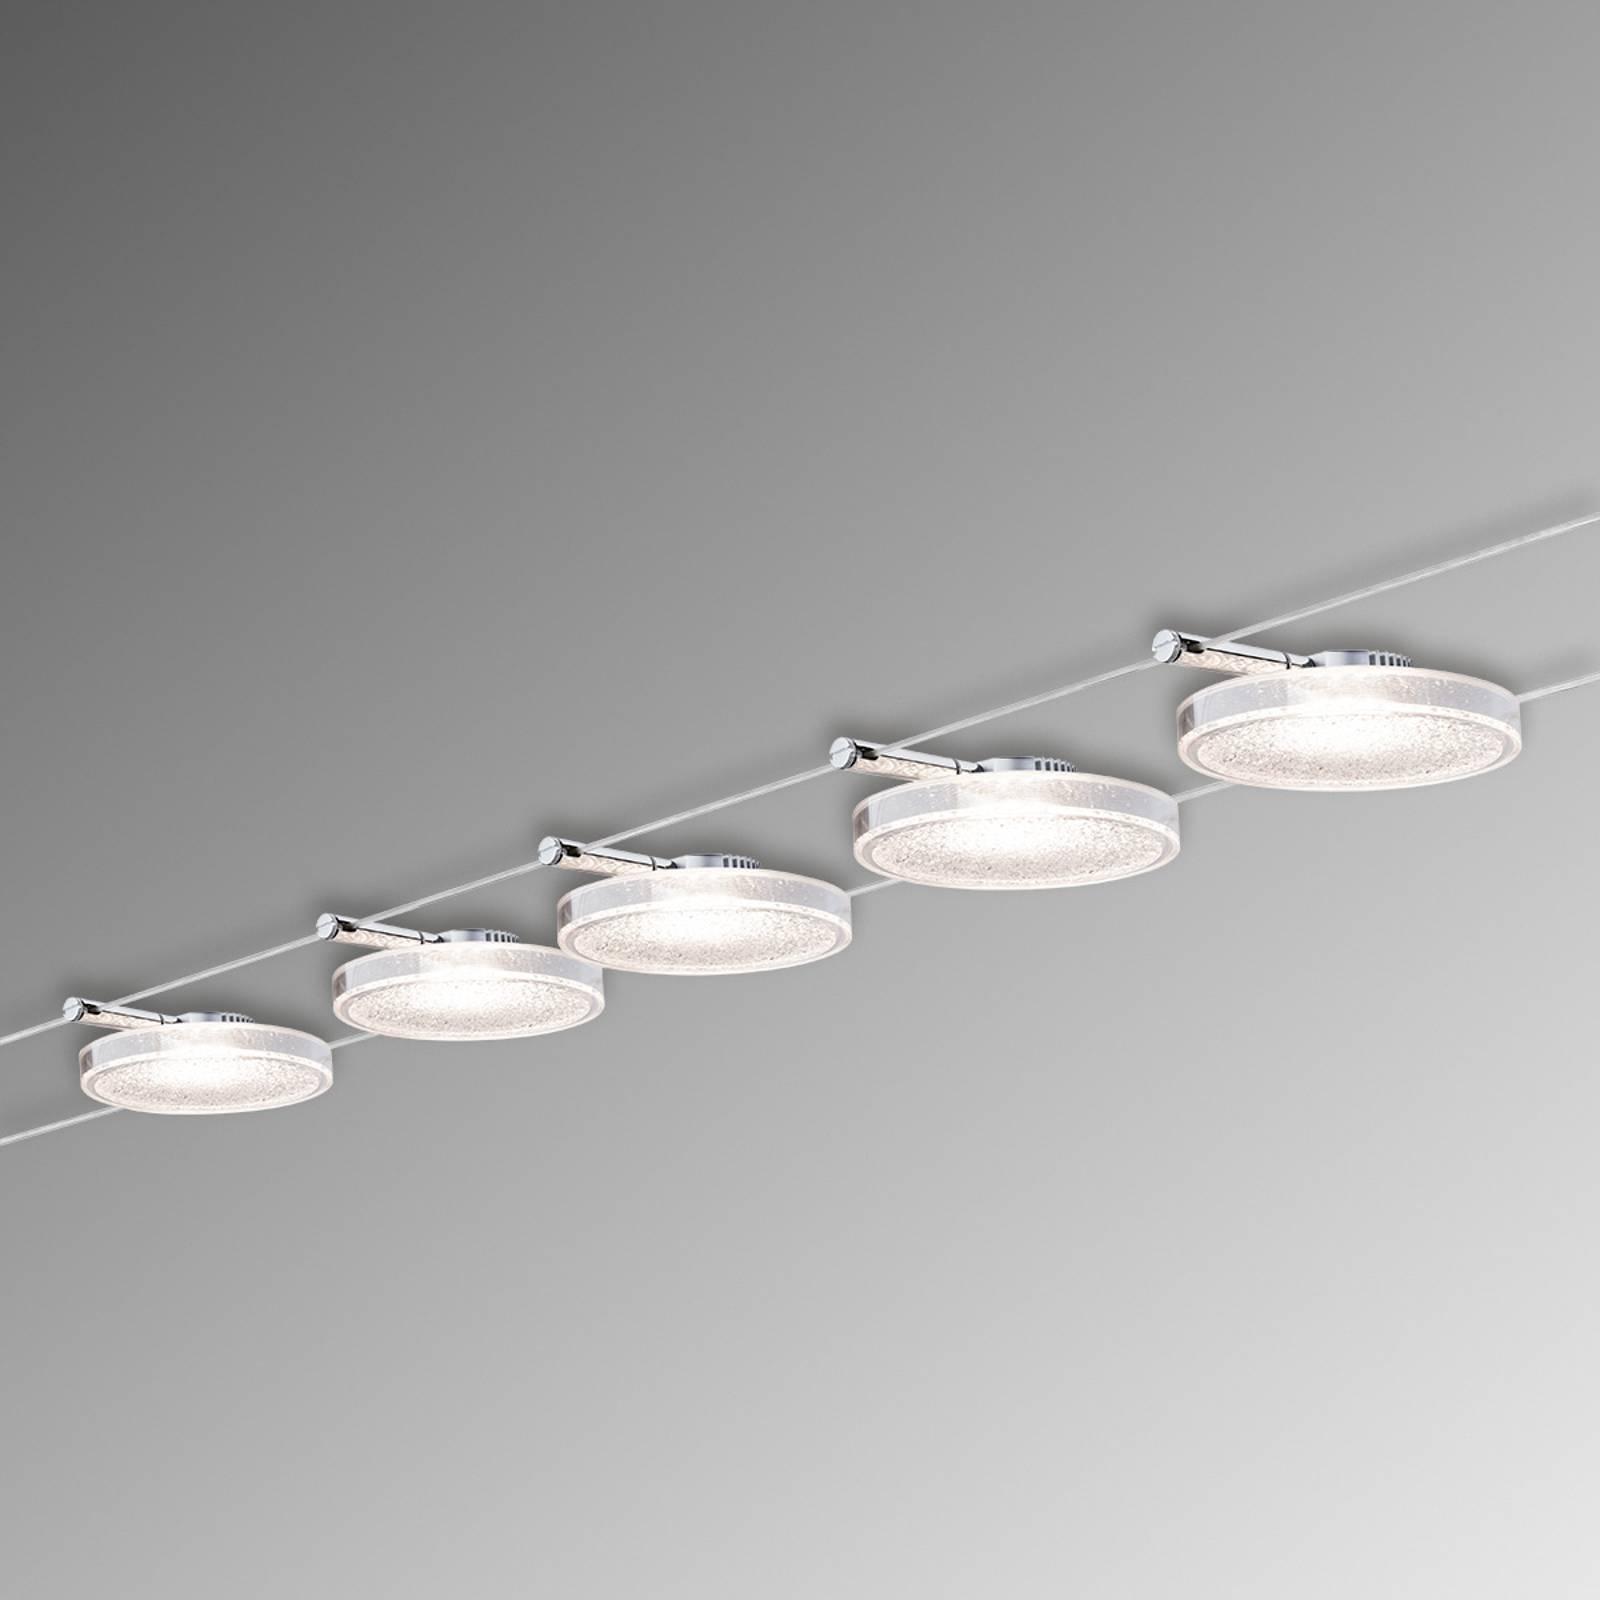 Paulmann DiscLED II köysijärjestelmä, 5-lamppuinen